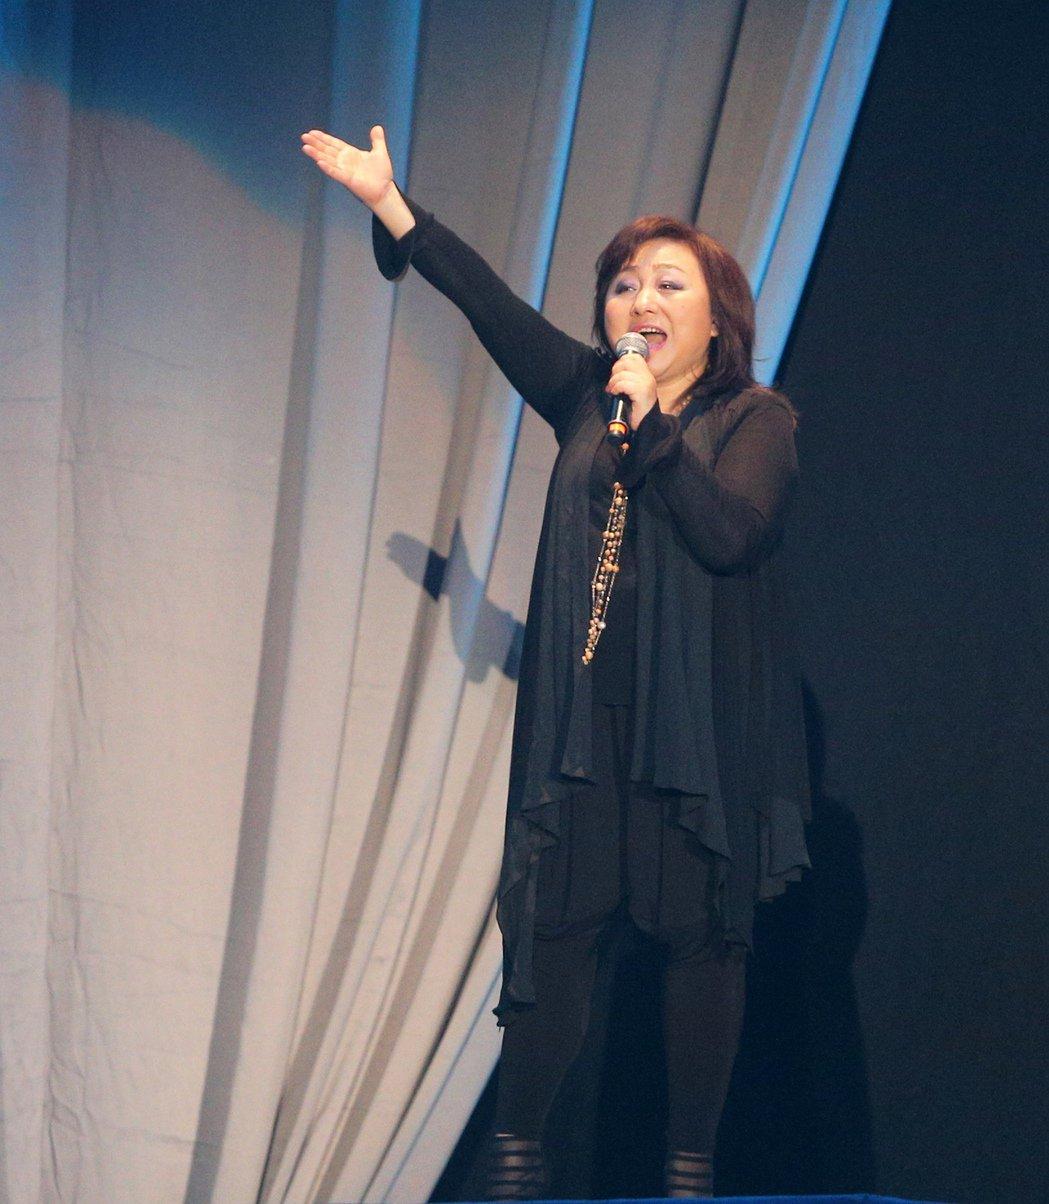 一開場鄭怡帶來「想飛」、「想想我」讓歌迷勾起滿滿回憶。記者劉學聖/攝影